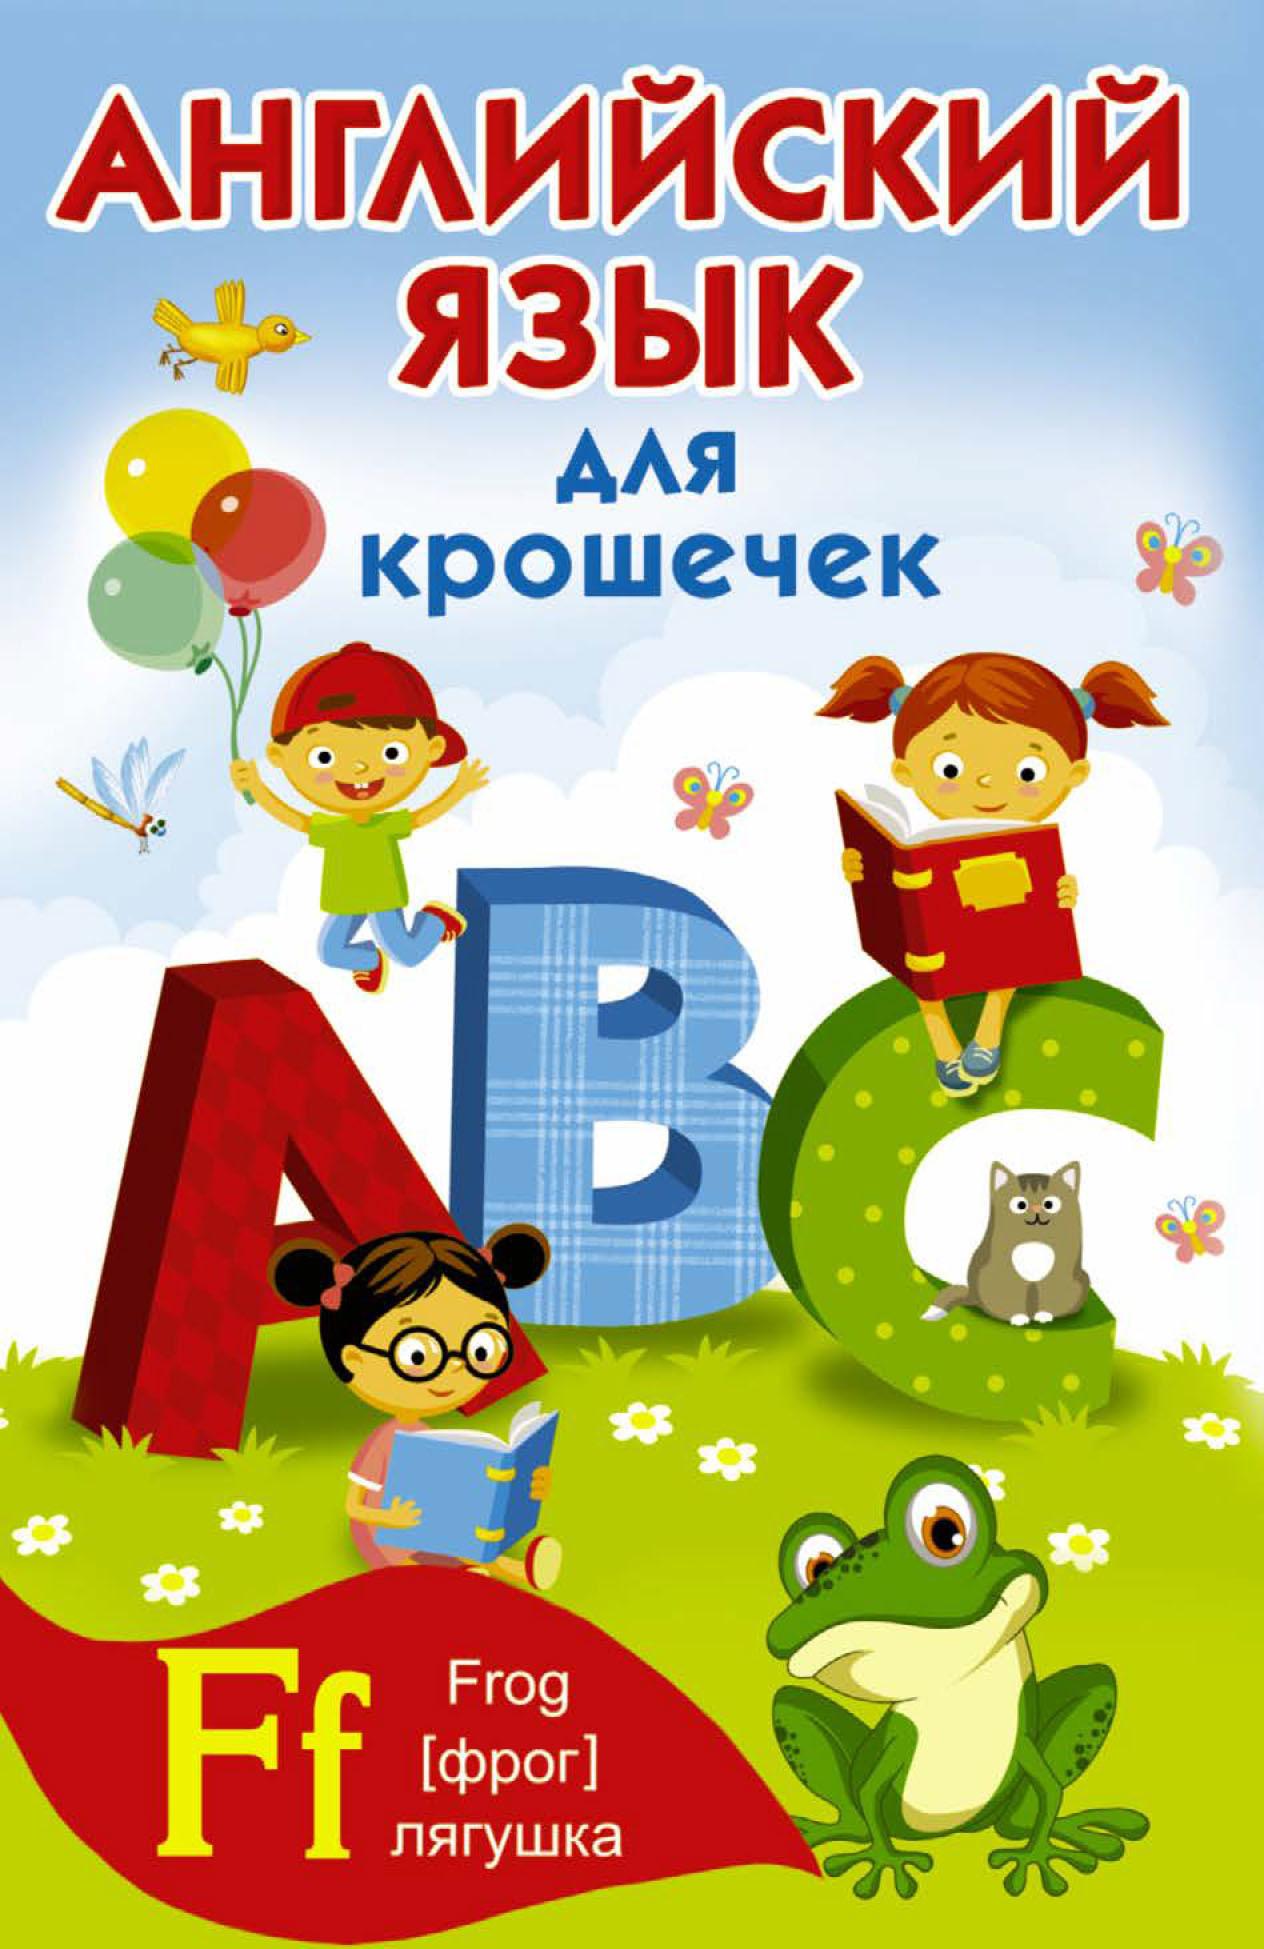 Отсутствует Английский алфавит для крошечек дмитриева в г двинина л в английский алфавит для крошечек